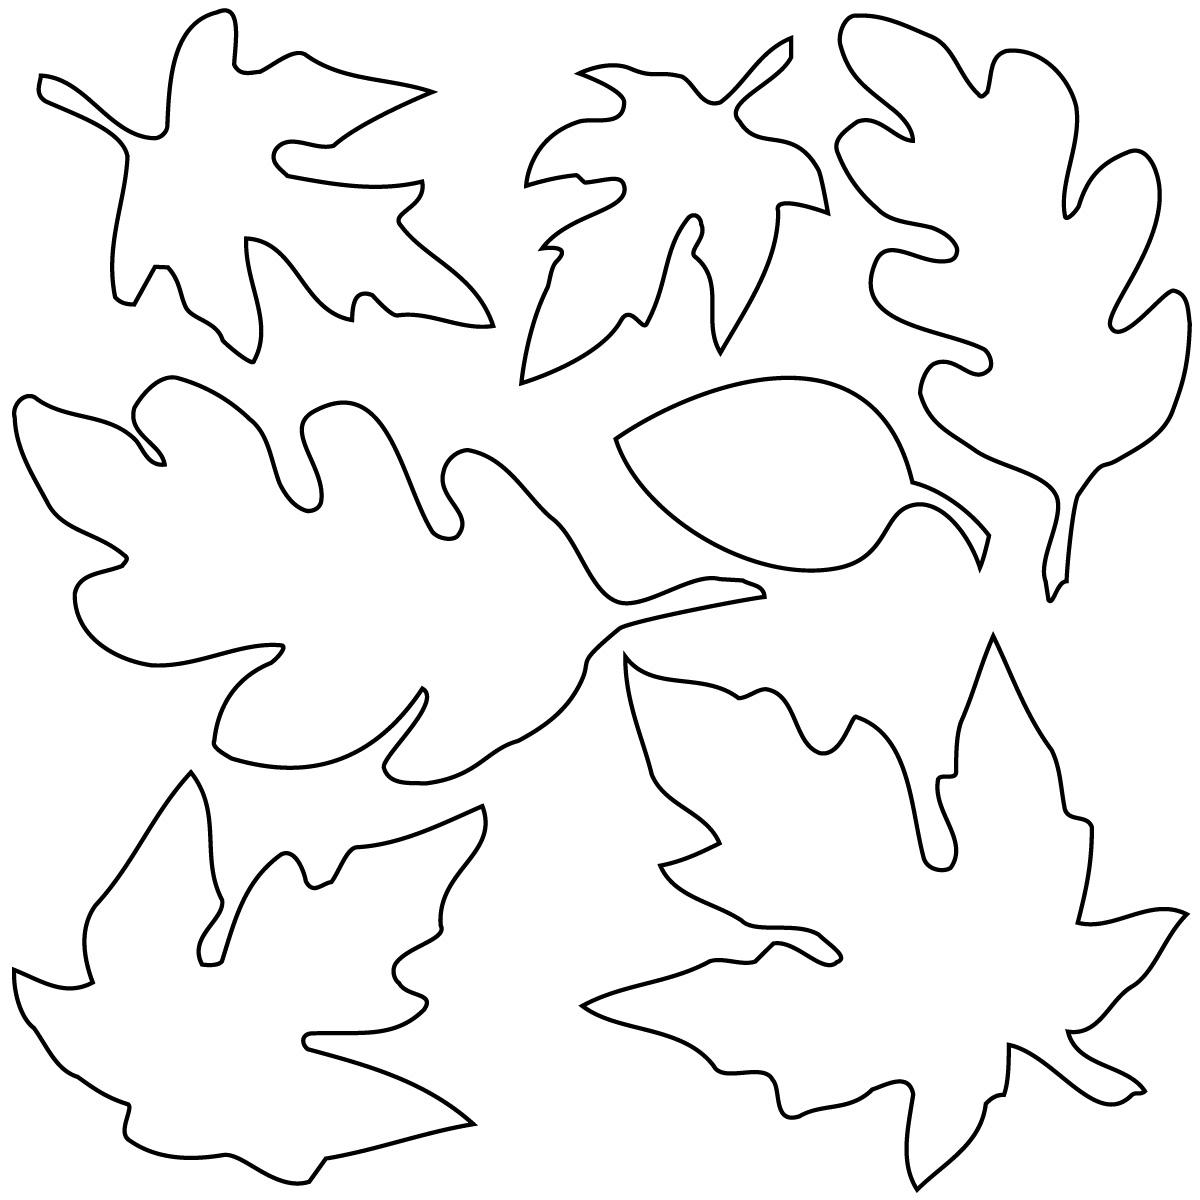 Leaves clip art black